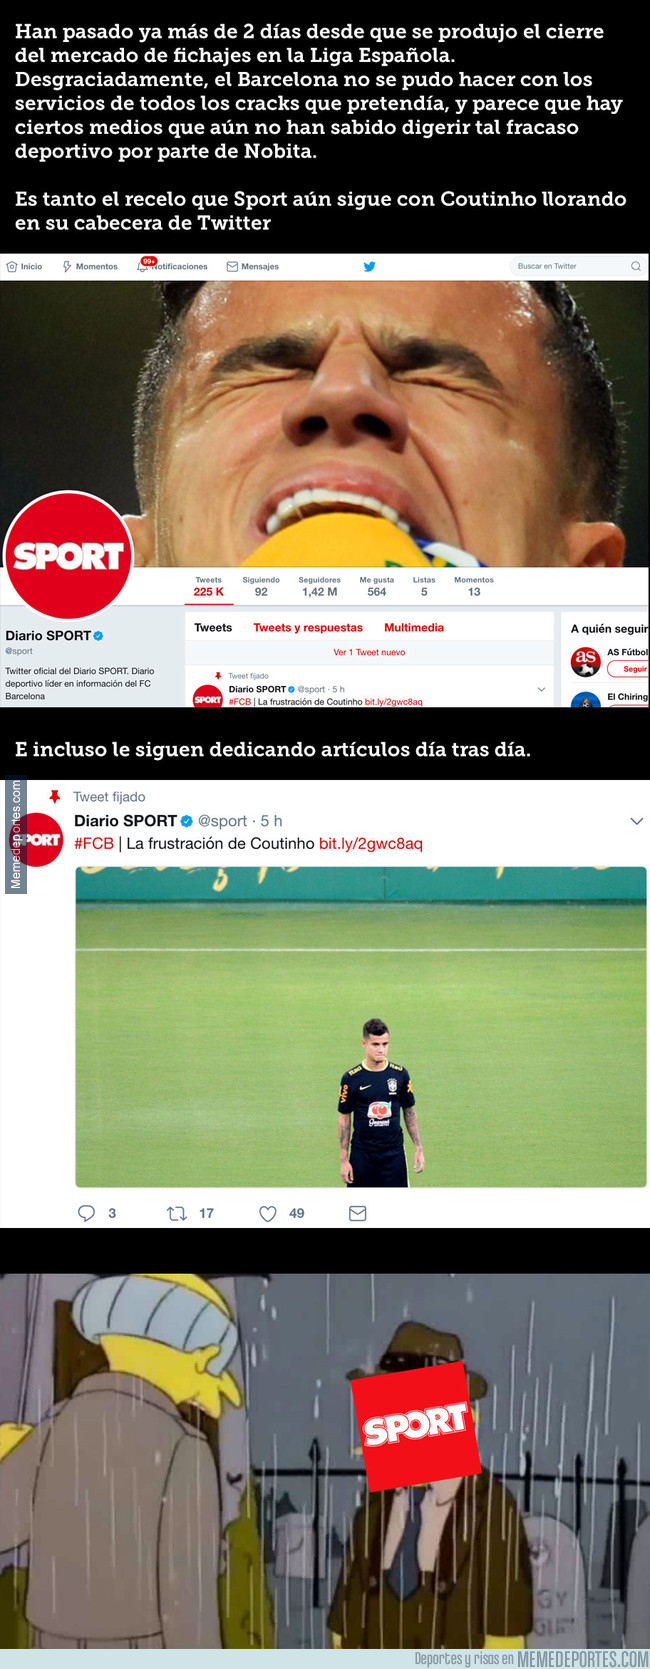 997455 - El hecho que demuestra que Sport aún no ha superado lo de Coutinho